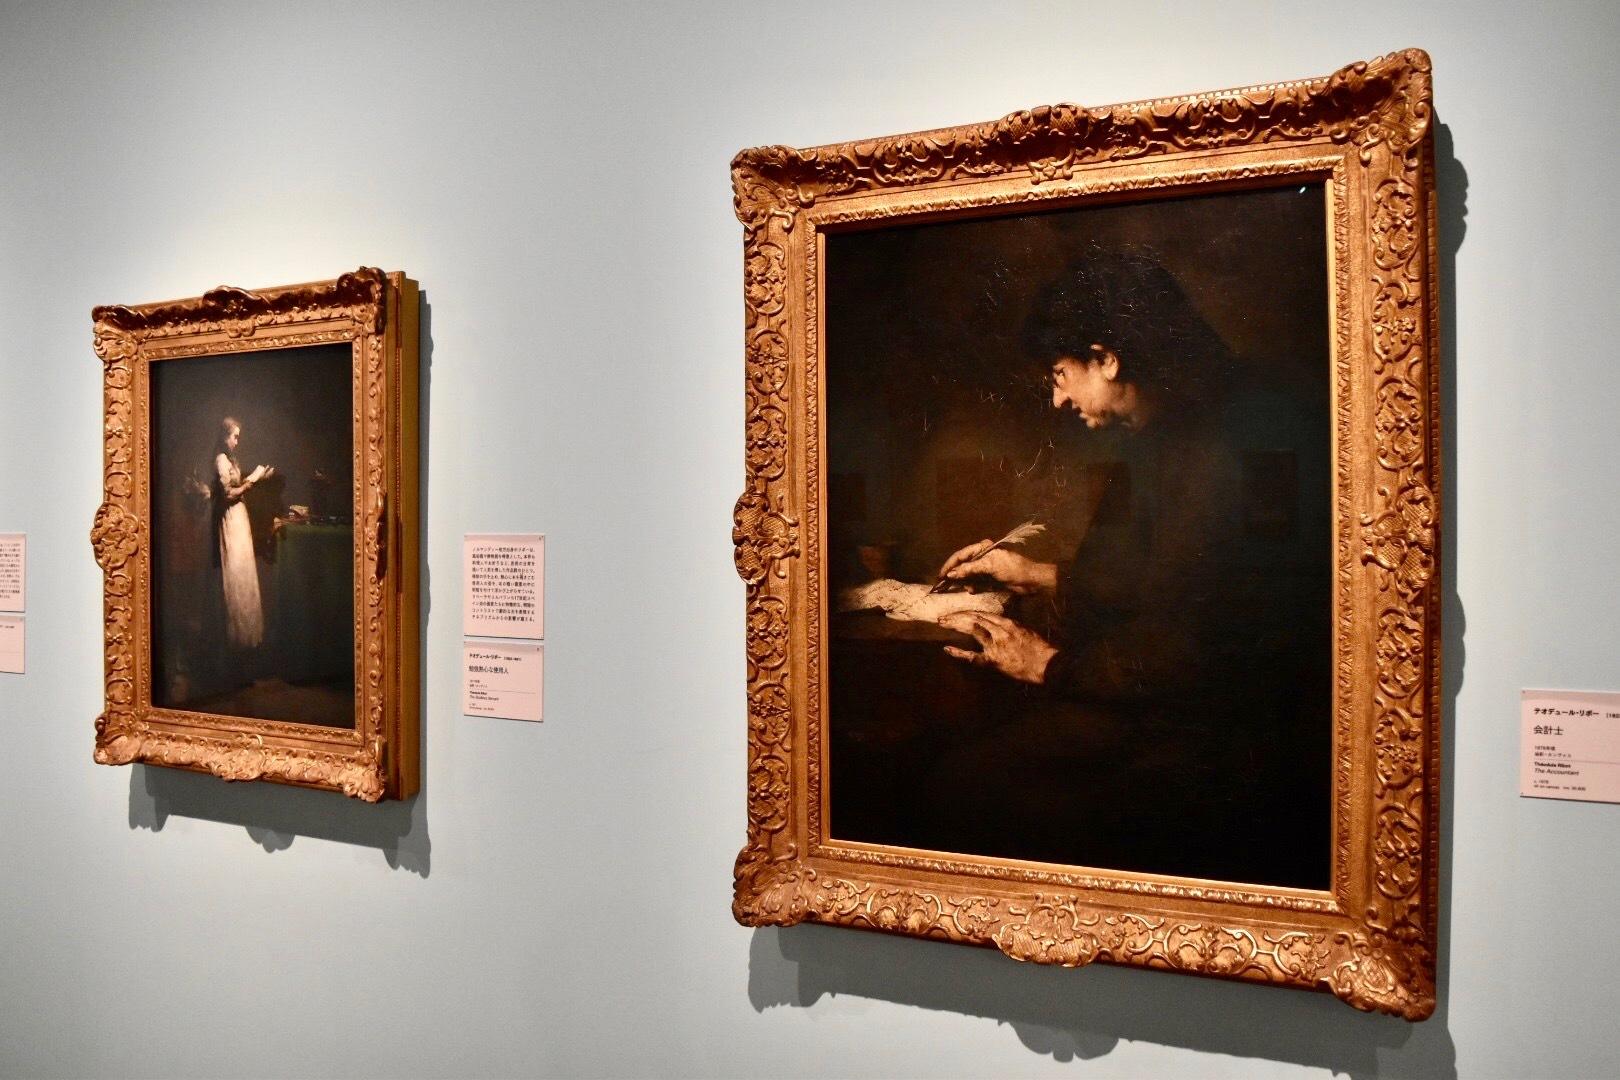 右:テオデュール・リボー 《会計士》 1878年頃 油彩、カンヴァス (C)CSG CIC Glasgow Museums  Collection 左:テオデュール・リボー 《勉強熱心な使用人》 1871年頃 油彩、カンヴァス (C)CSG CIC Glasgow Museums Collection